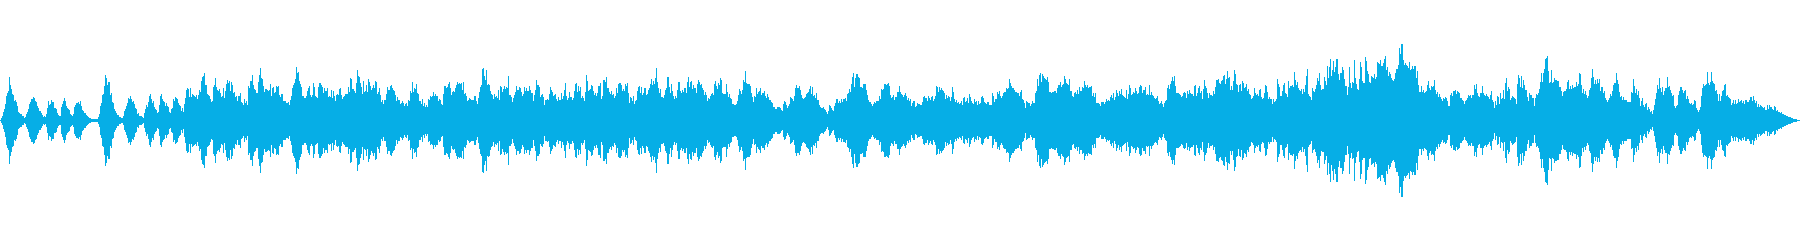 生演奏クラシック、モーツァルト、優雅の再生済みの波形